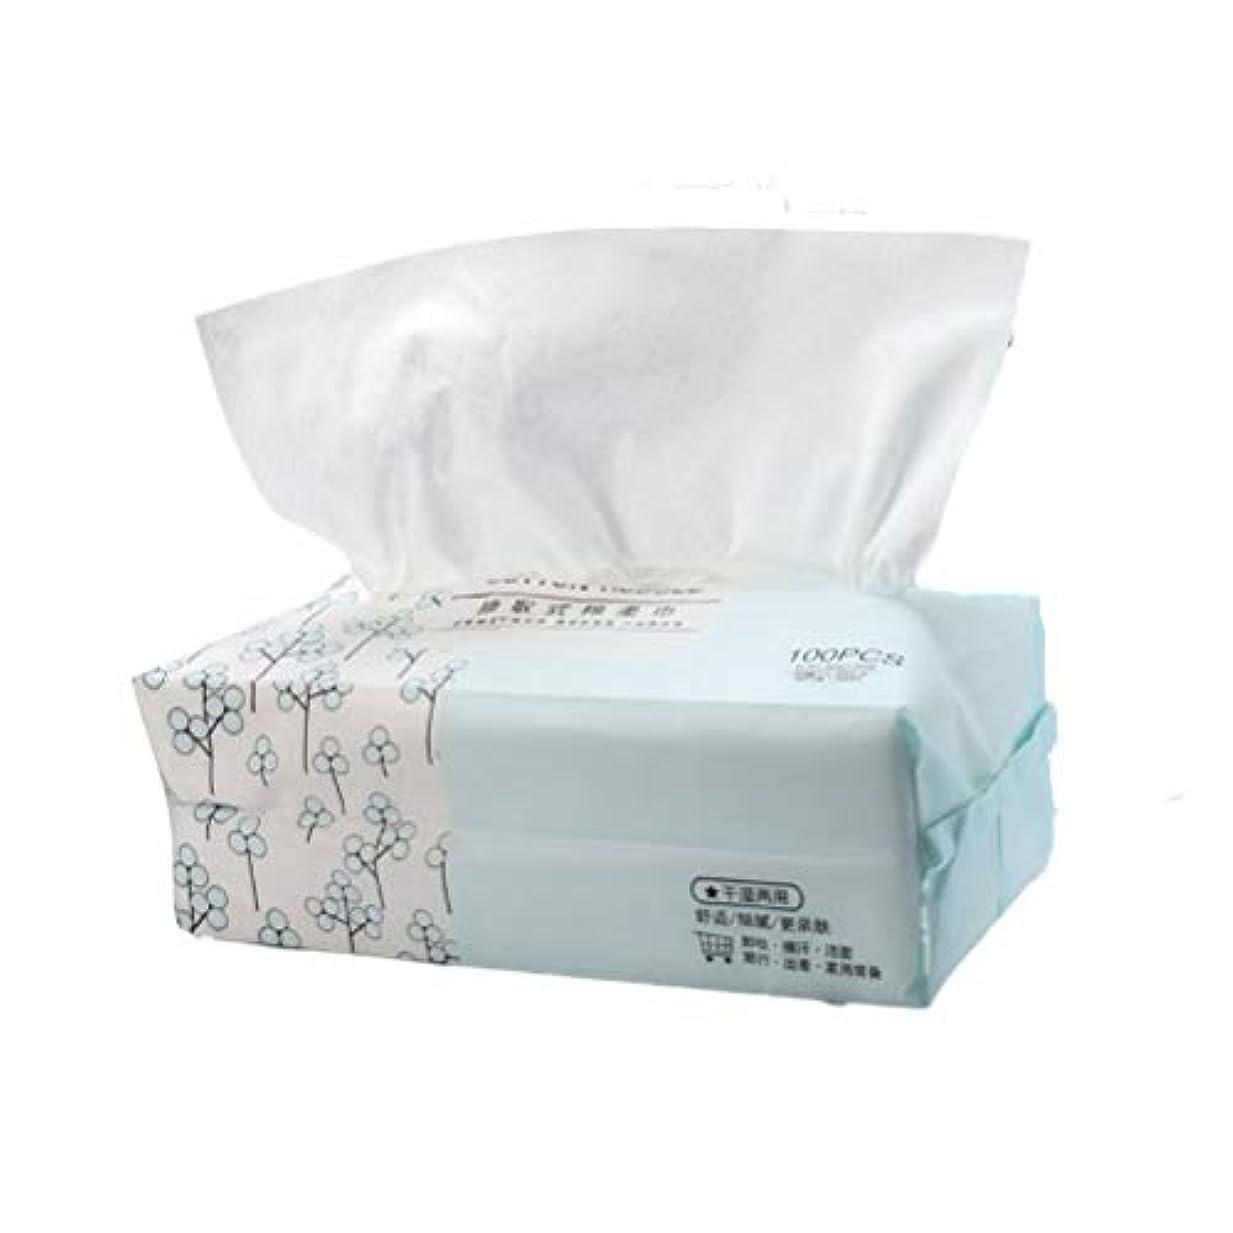 頬骨十一悲しむLurrose 化粧品の綿のパッドを洗うための100個の使い捨てタオルは、フェイスタオルを拭く拭き取りを構成します